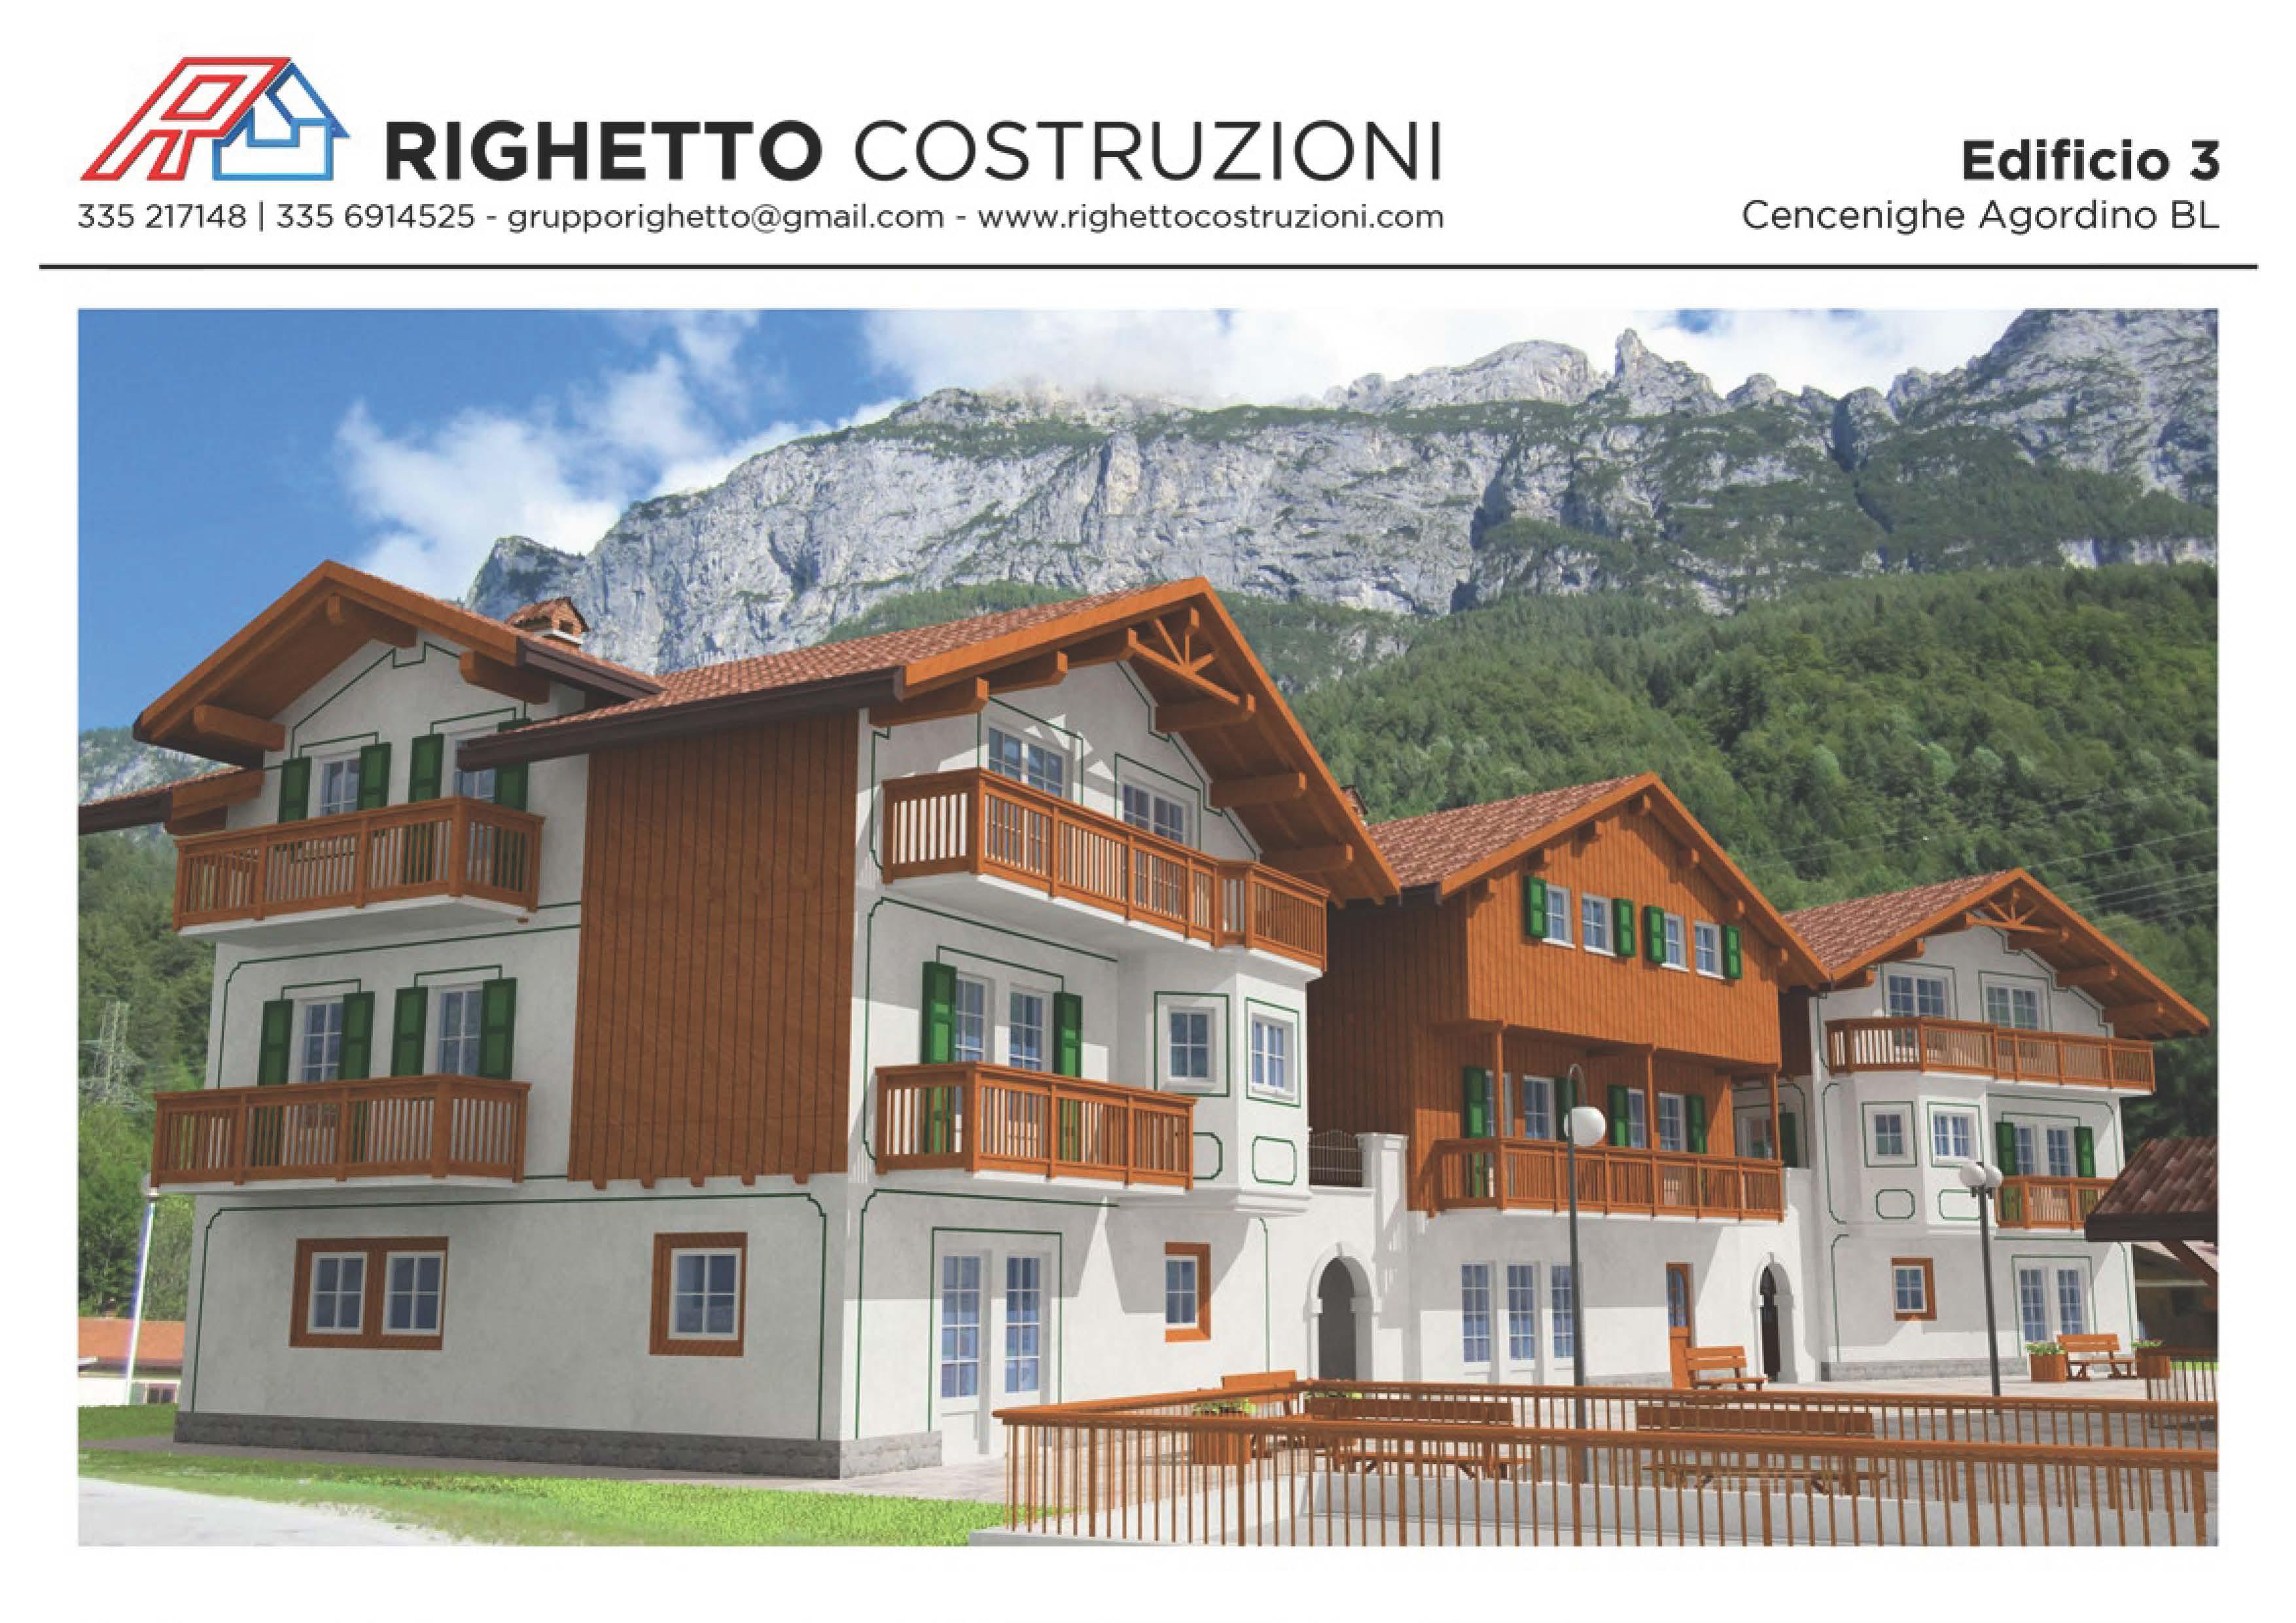 Appartamenti Cencenighe Agordino BL